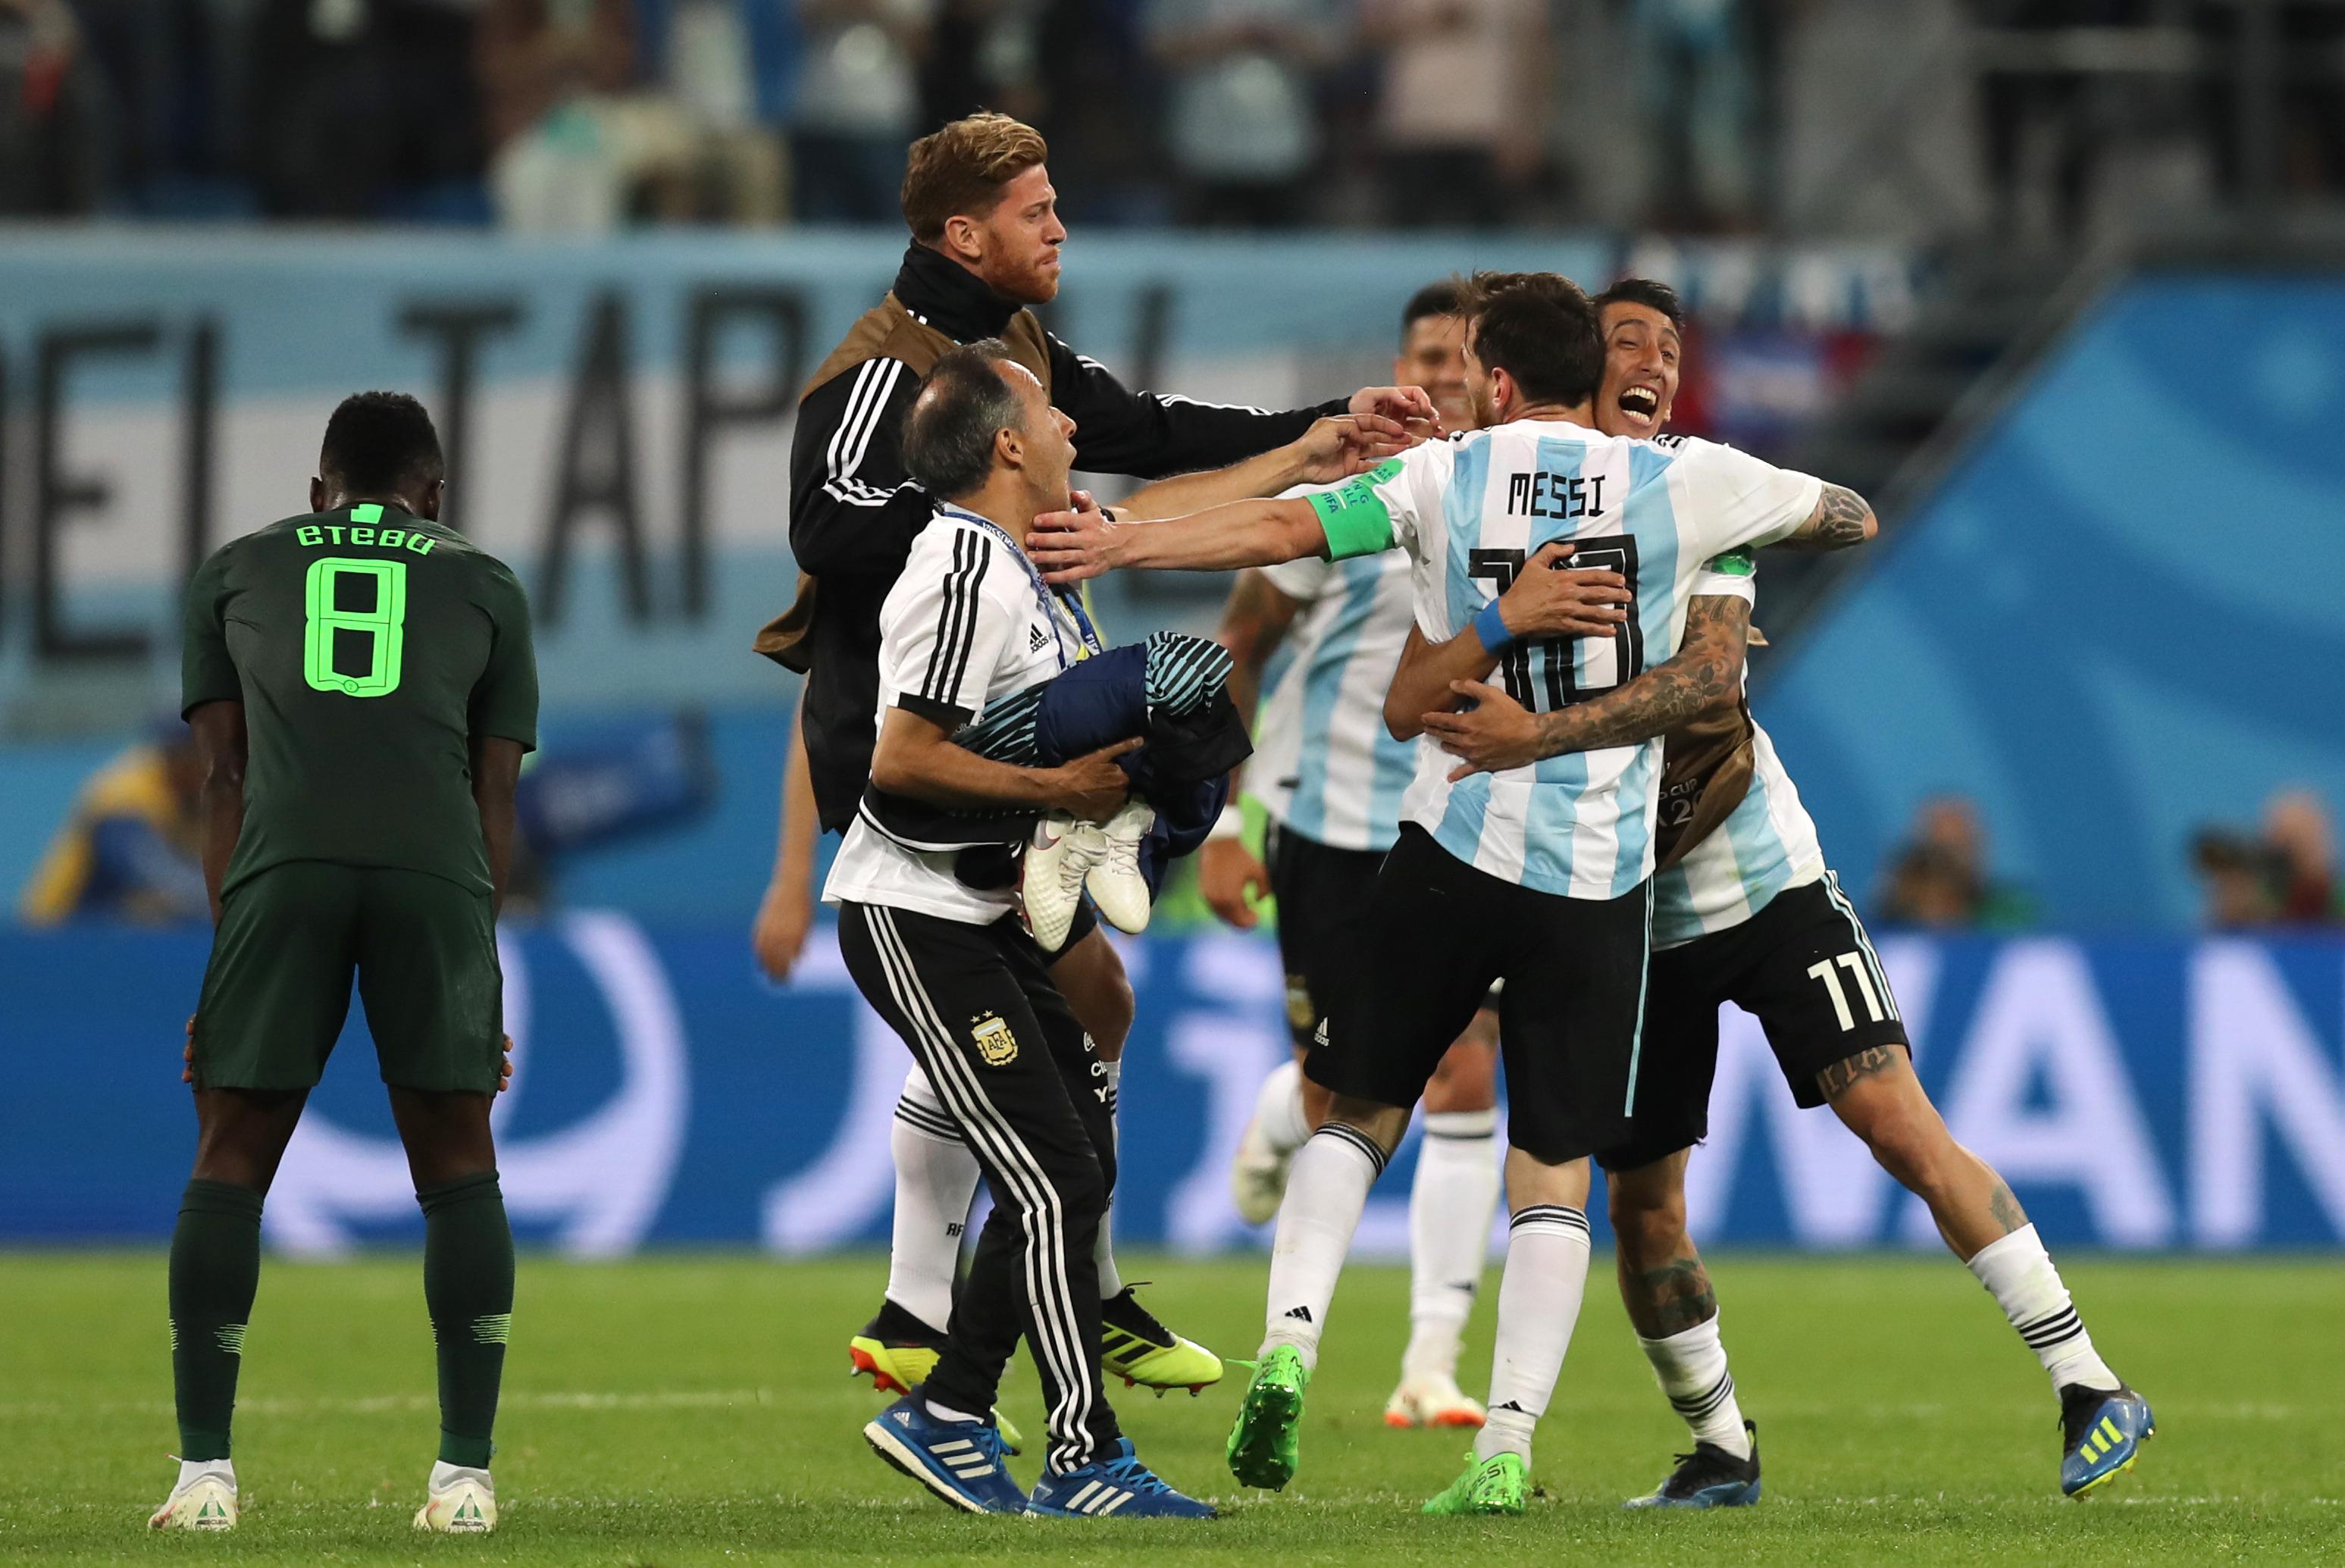 动感世界杯 阿根廷险胜尼日利亚晋级十六强